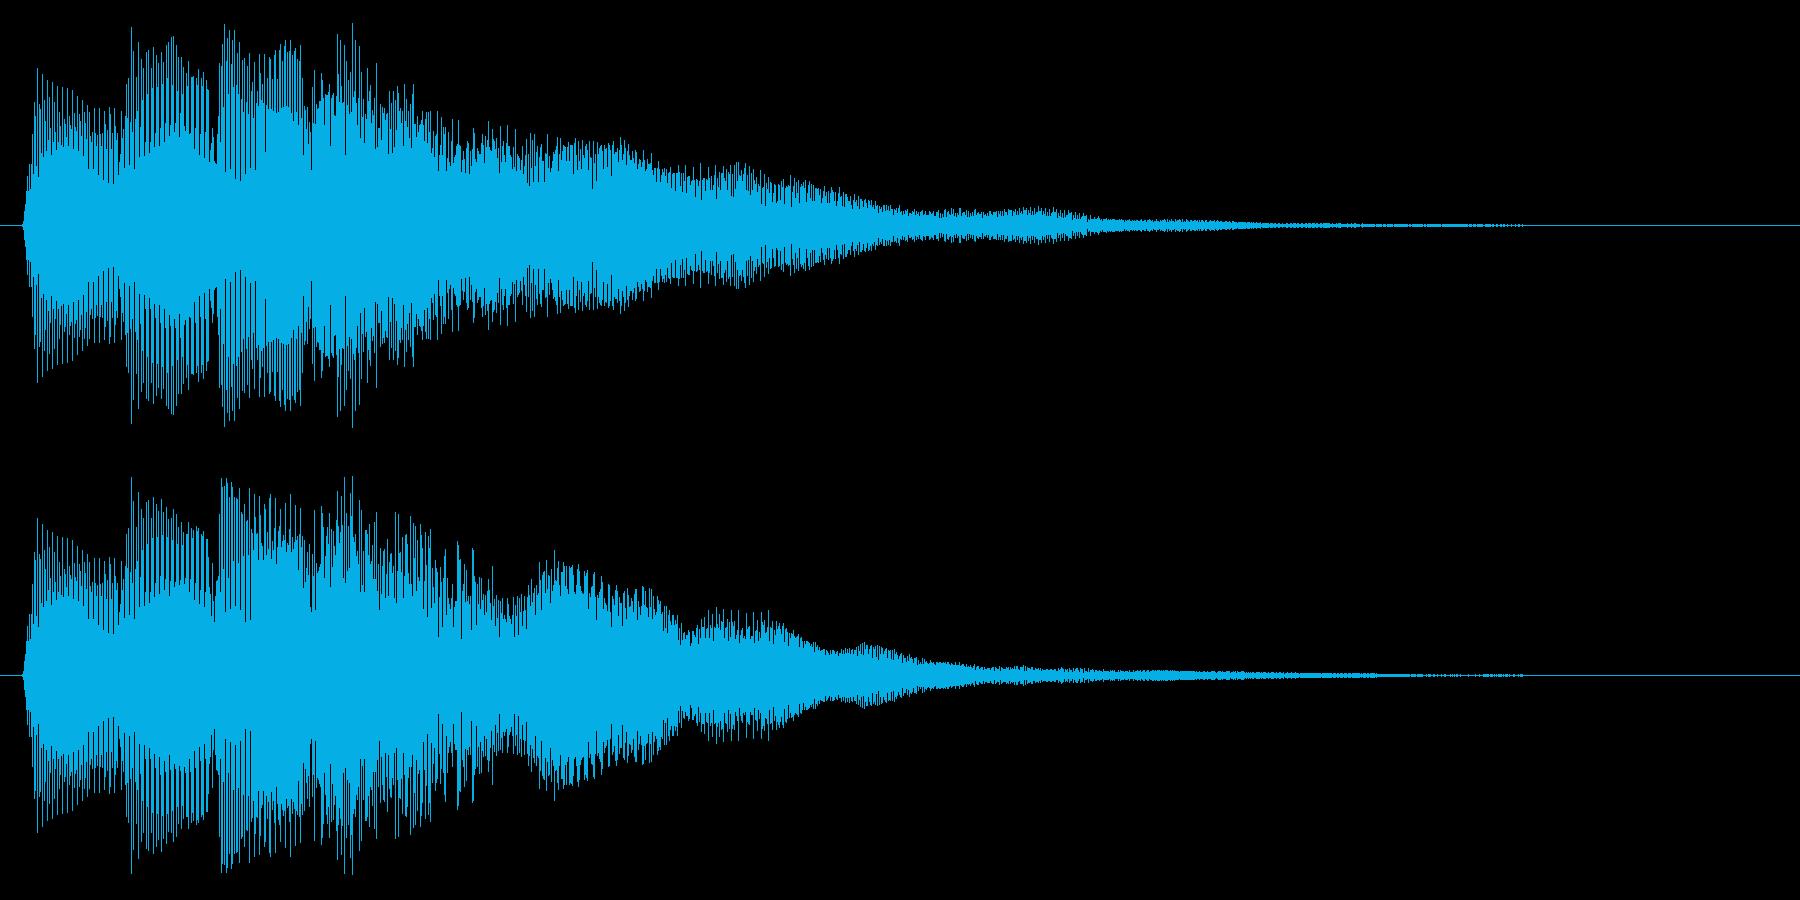 ゲームオーバー ミス 失敗した時の音の再生済みの波形